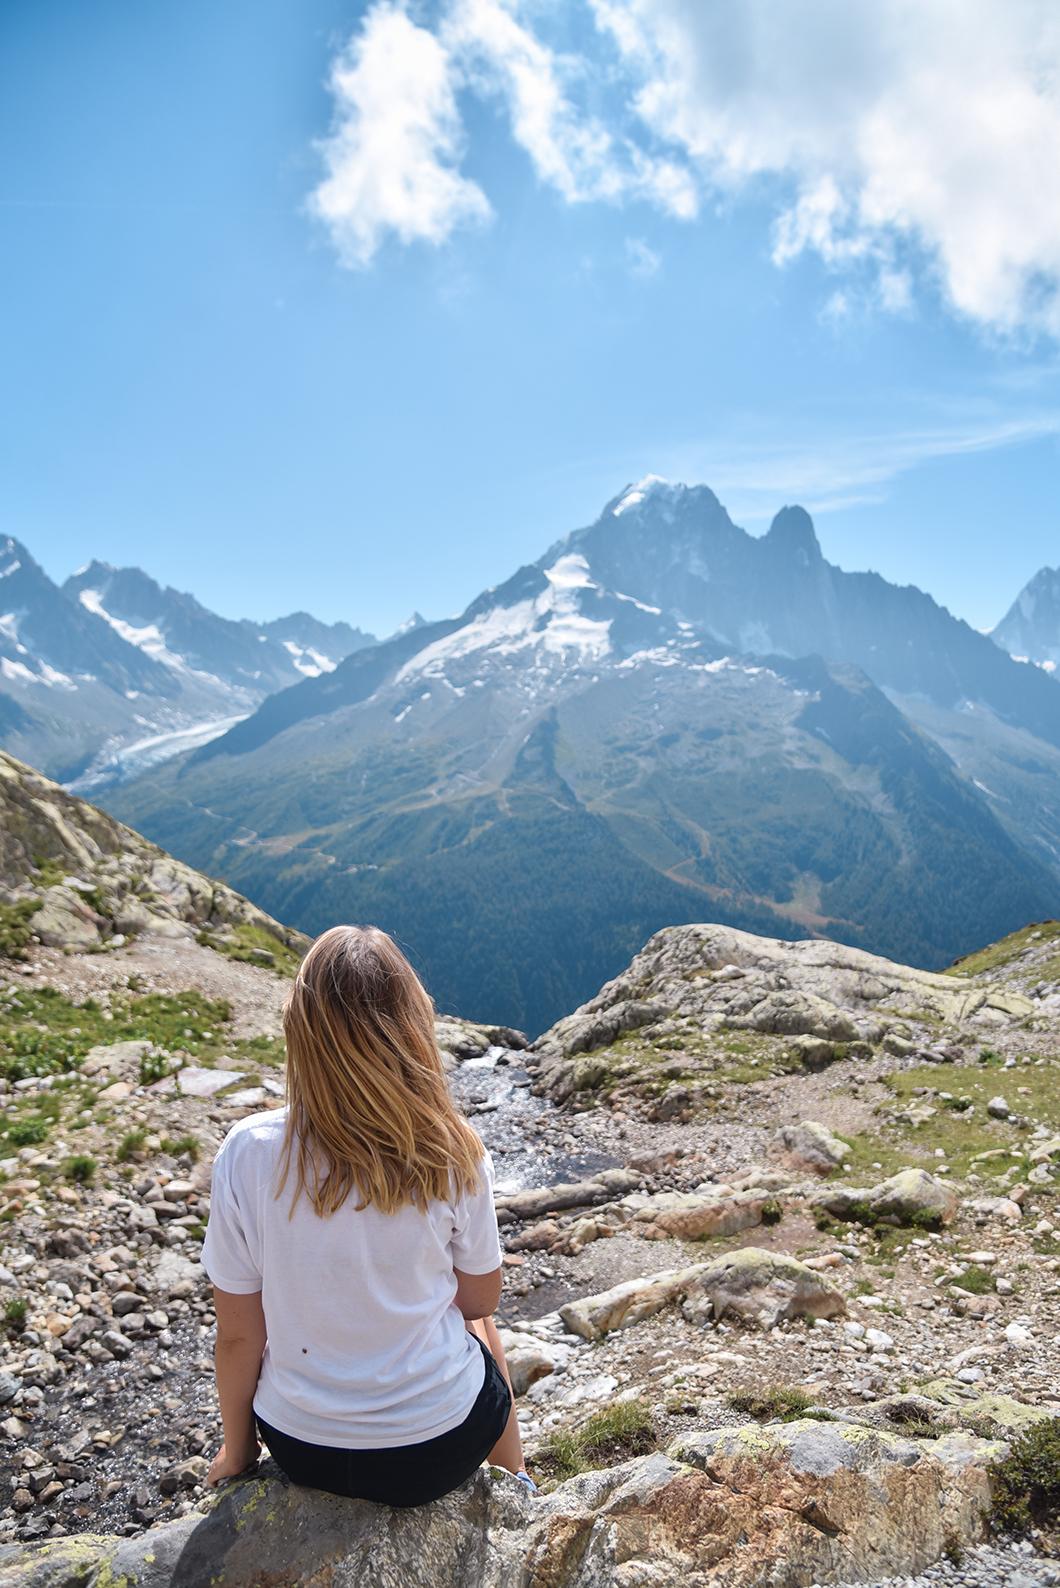 Randonnée au Lac Blanc, activité à faire à Chamonix